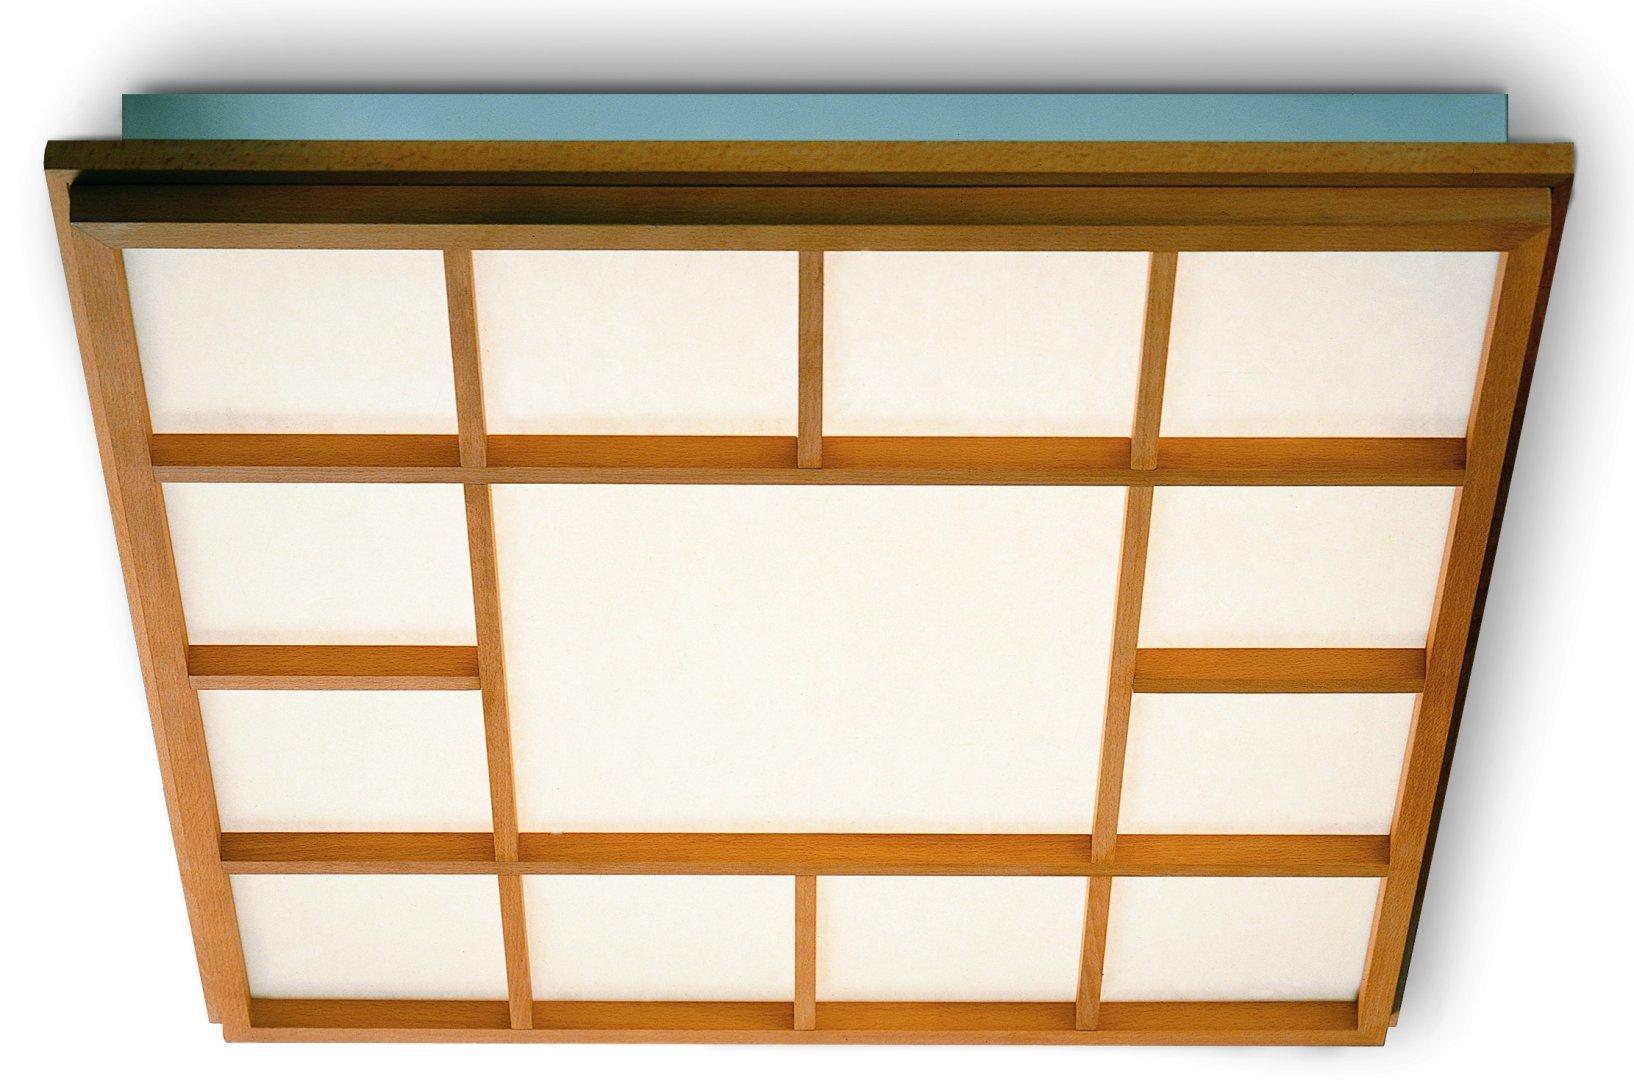 KIOTO Wand- und Deckenleuchte 13 / LED